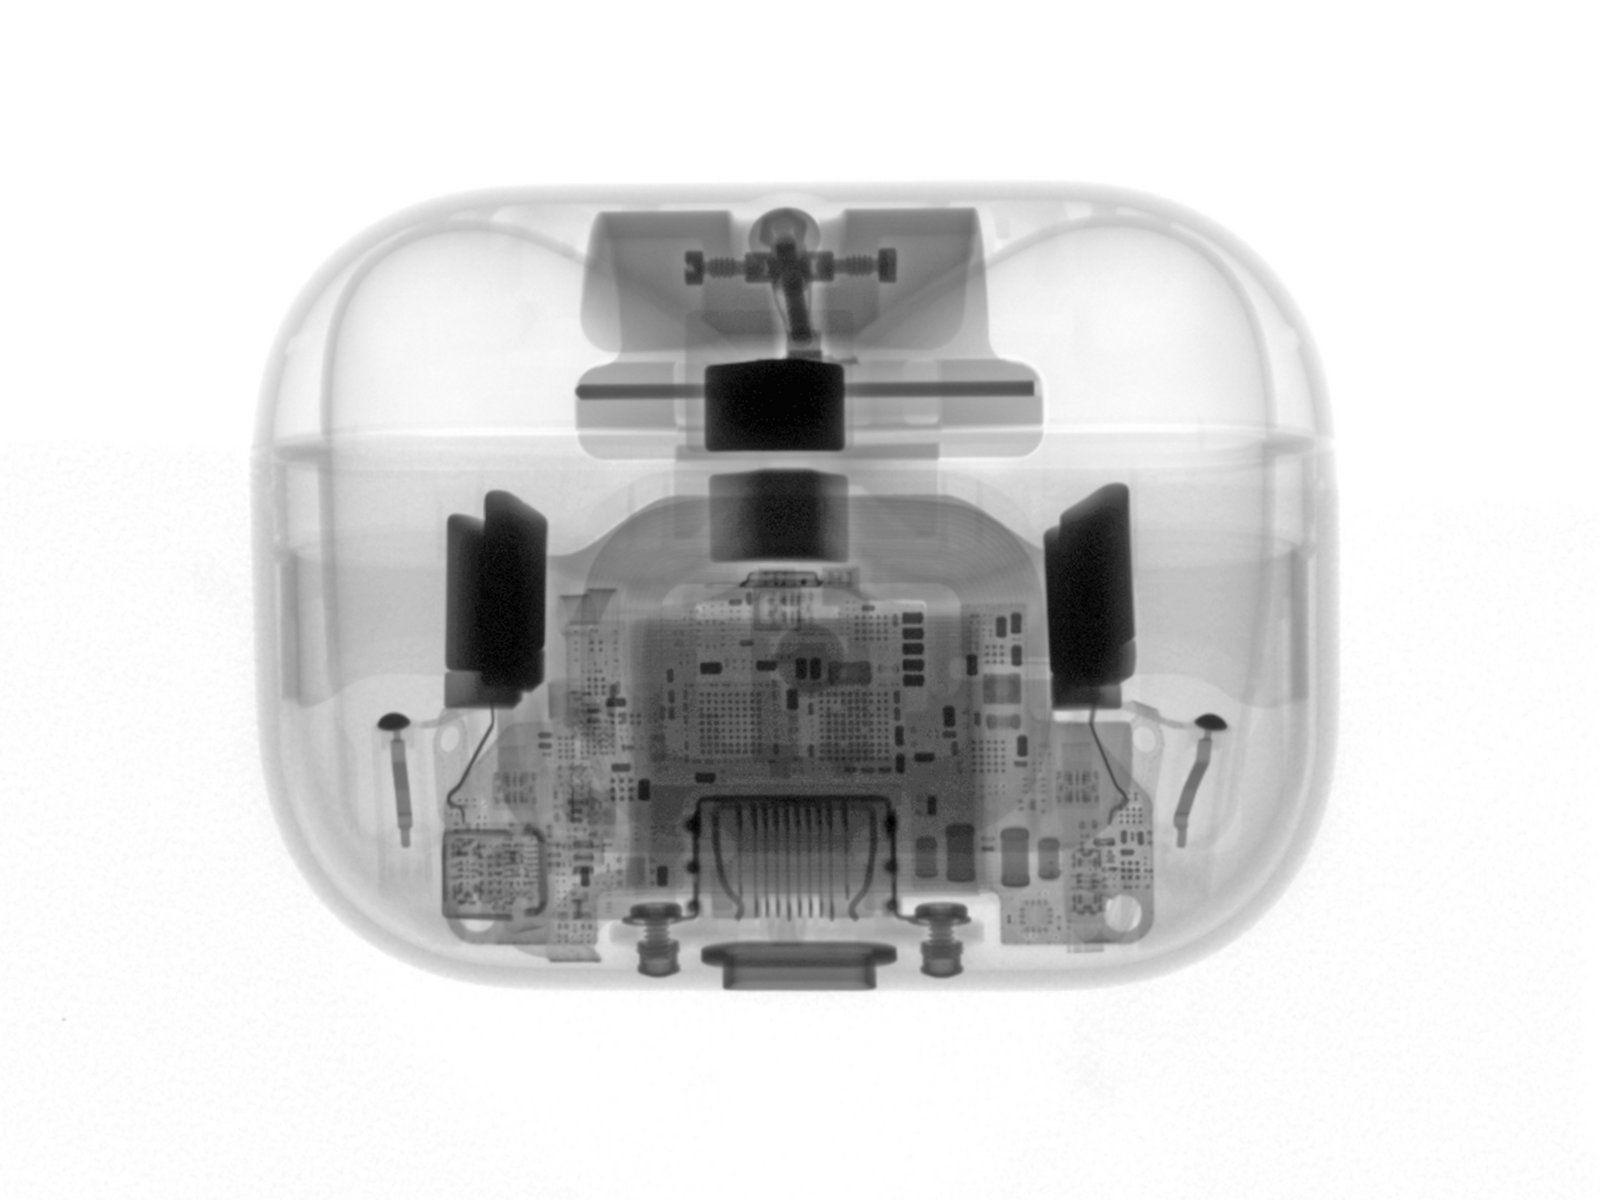 Nettstedet iFixit brukte røntgenstråler for å få et overblikk over alle komponentene før de tok øreproppene fra hverandre.